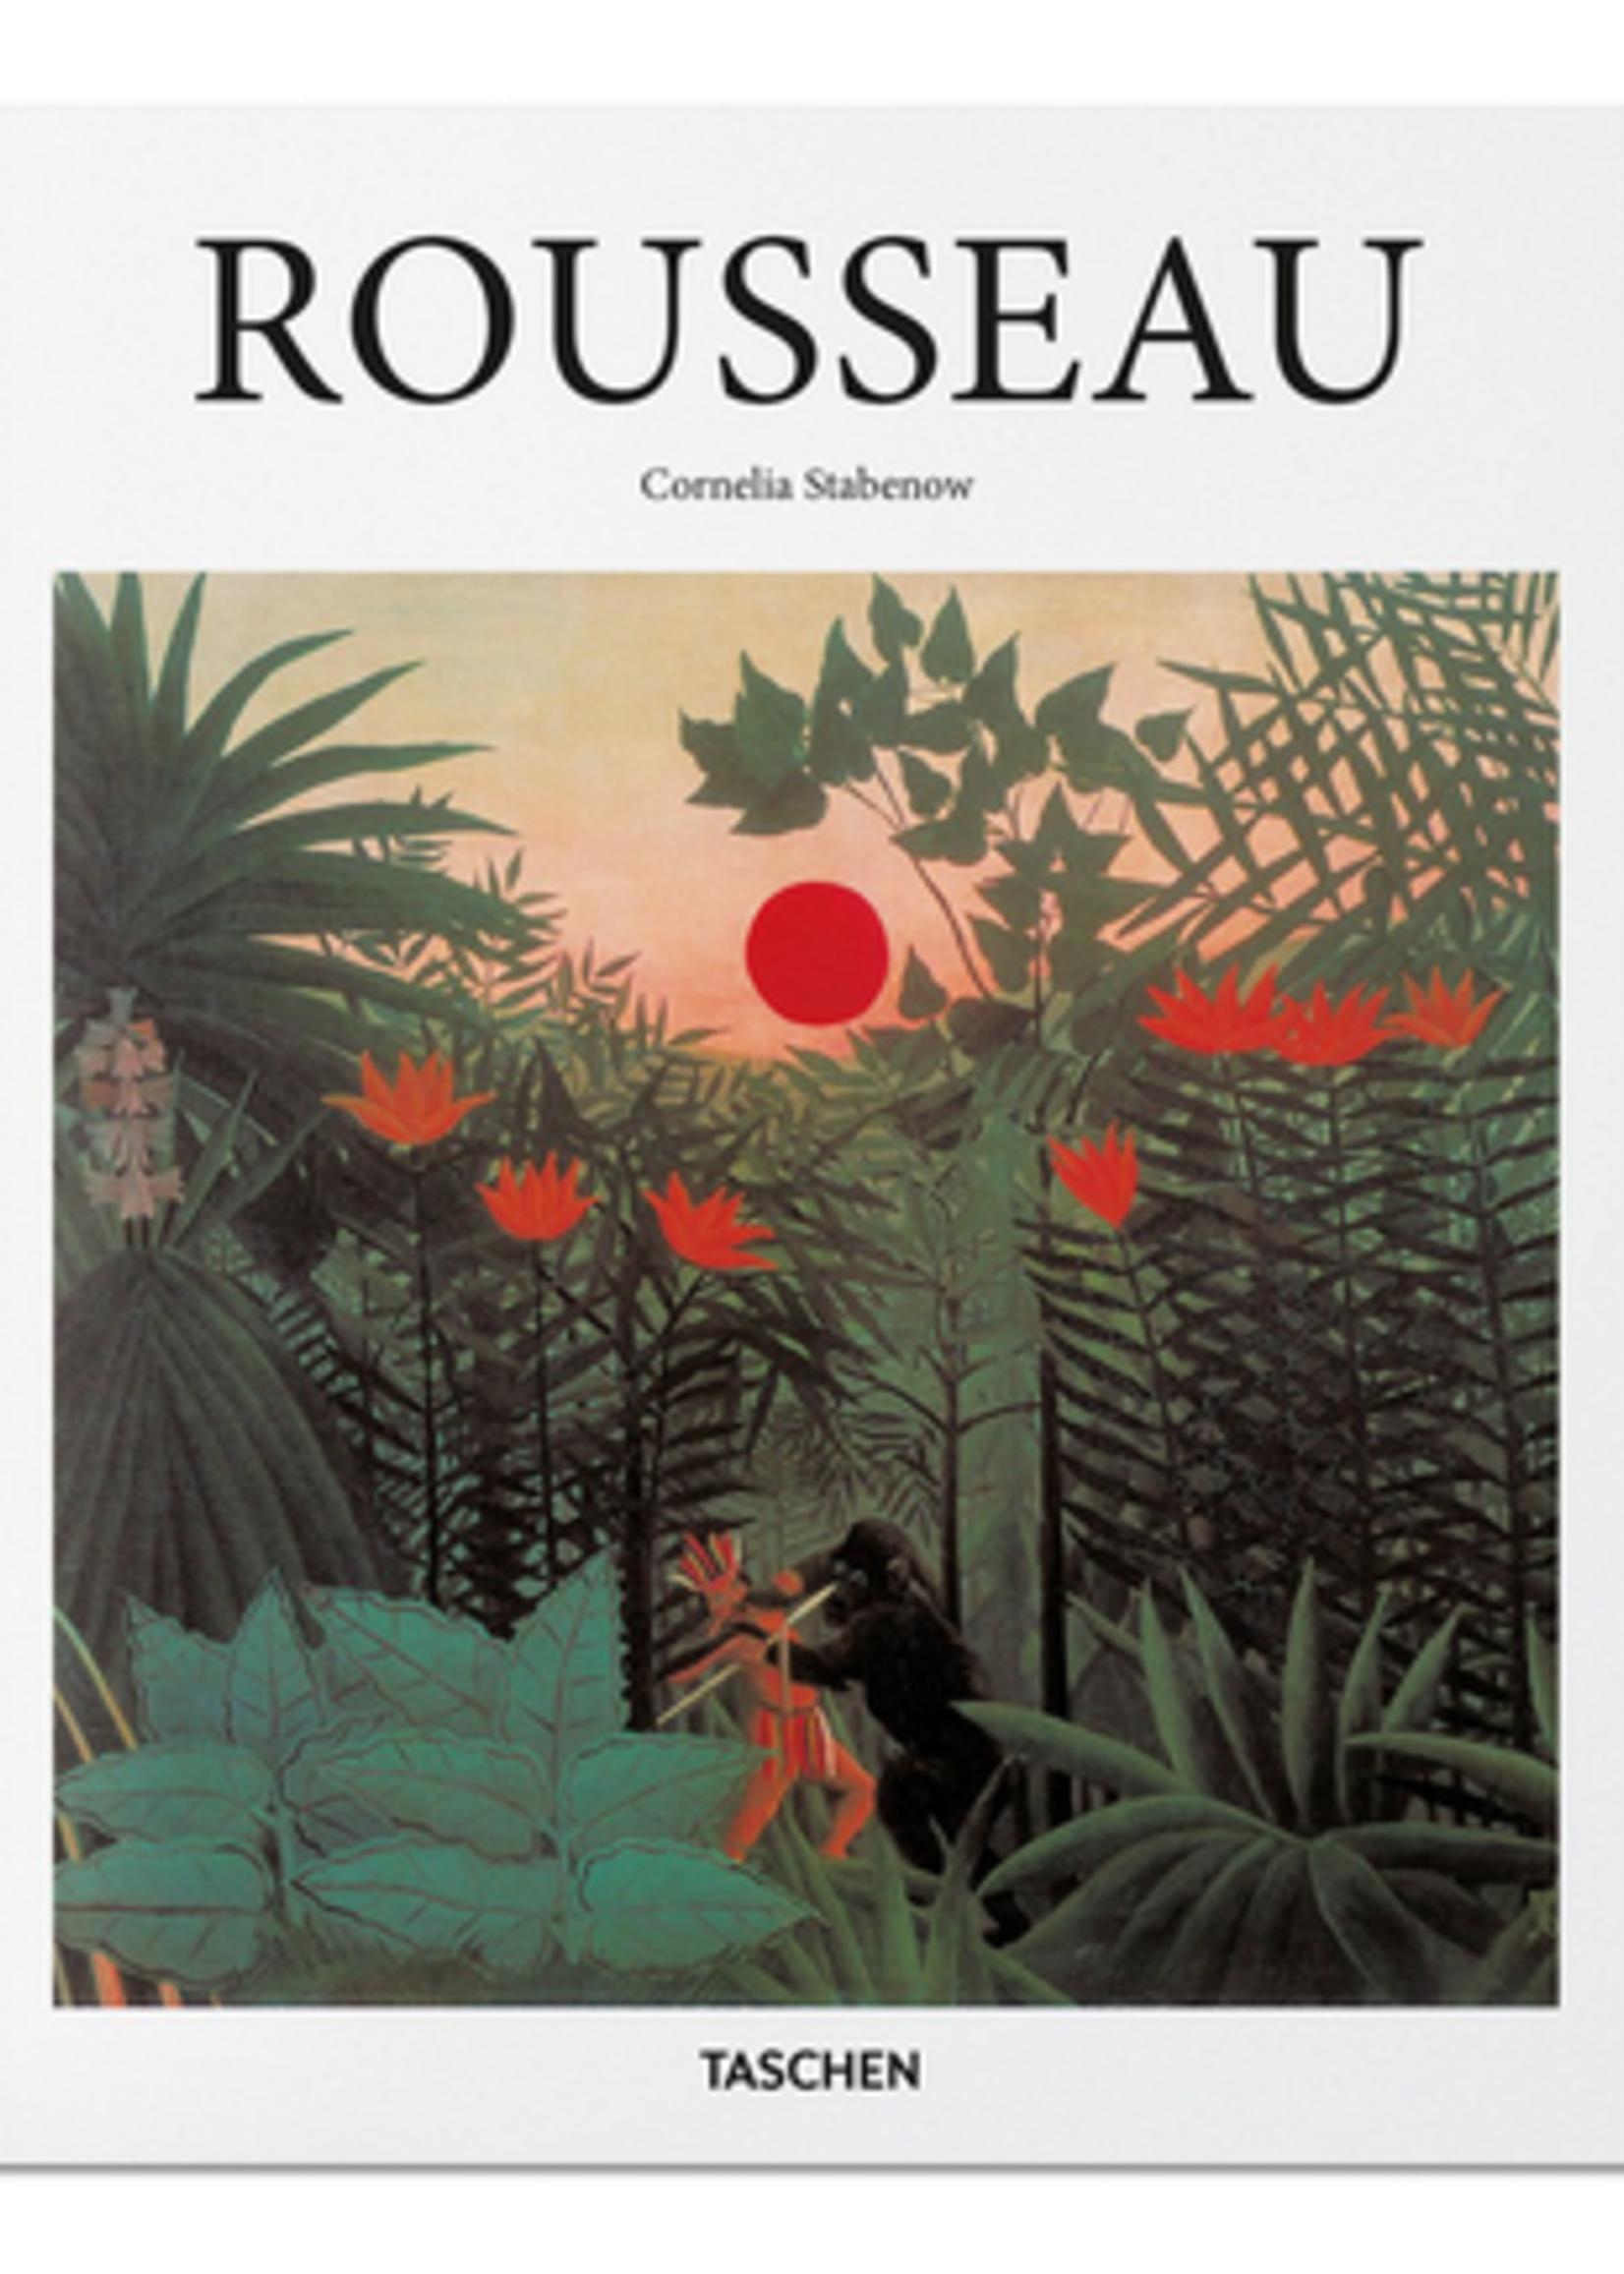 Taschen Taschen Rousseau